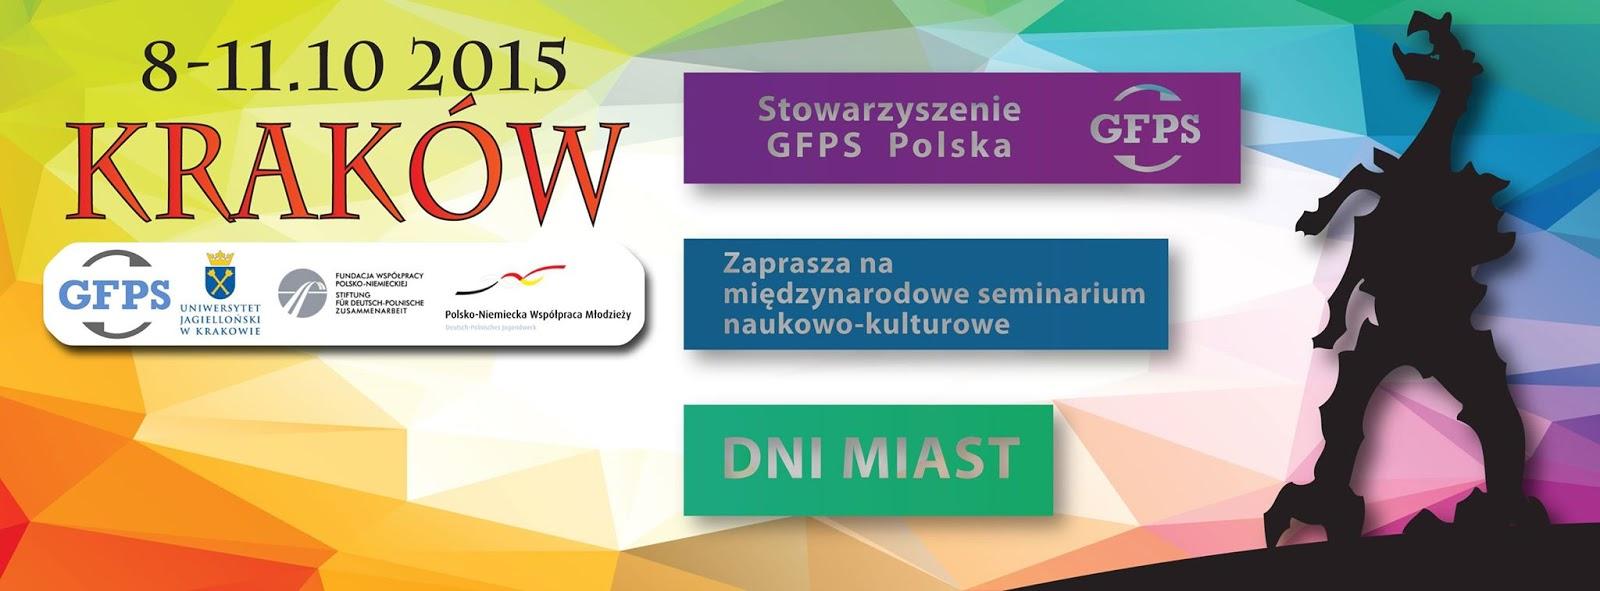 plakat-dni-miast-krakow-2015